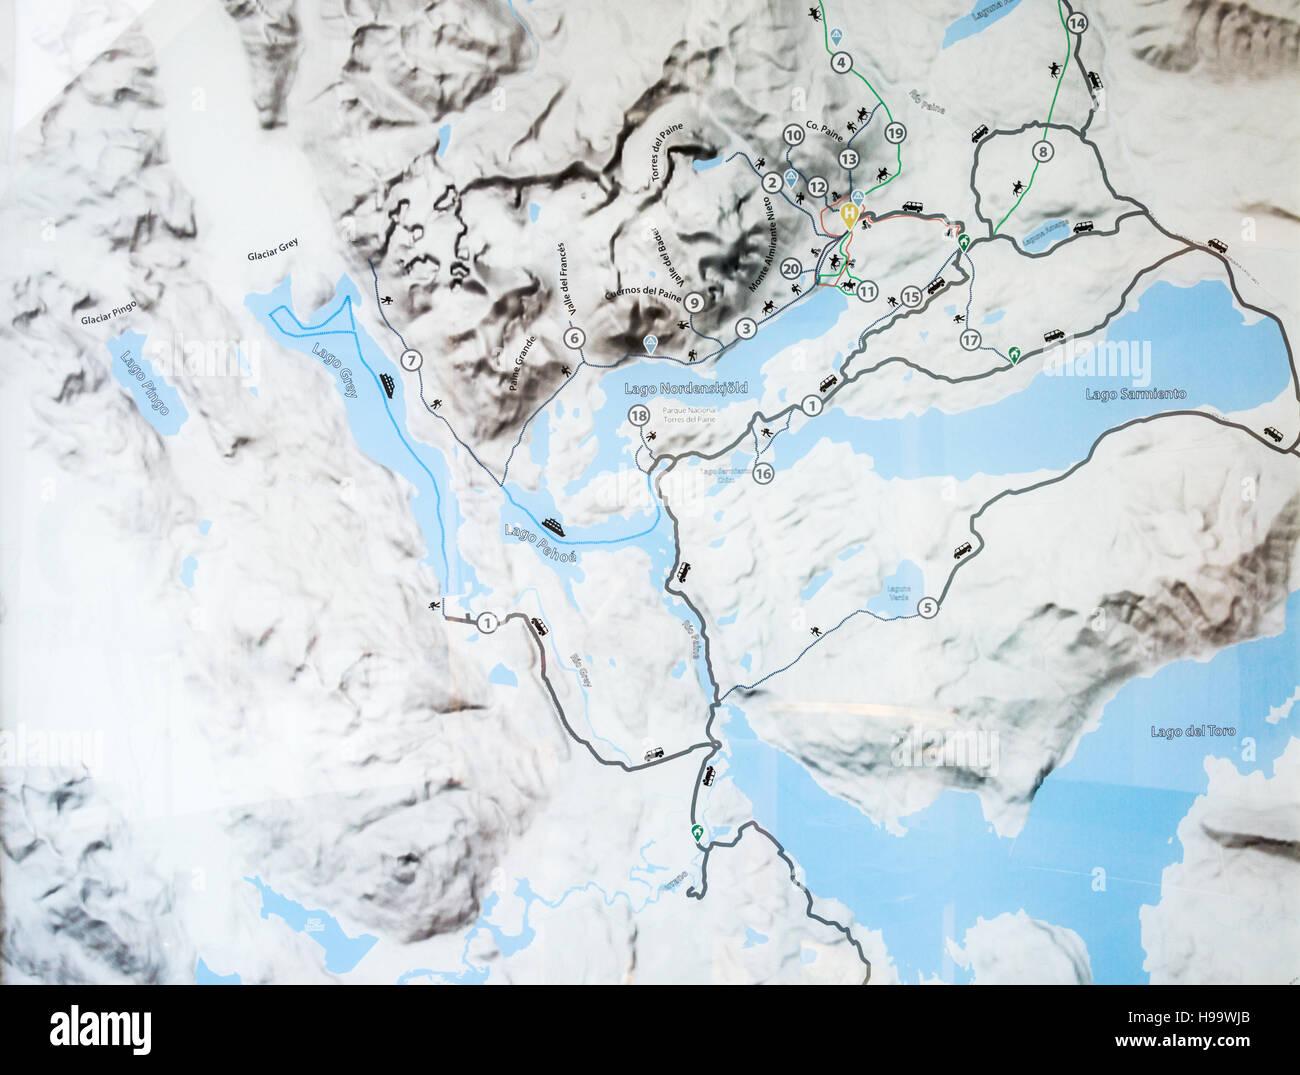 Circuito W Mapa : Mapa del sendero de chile patagonia circuito w foto & imagen de